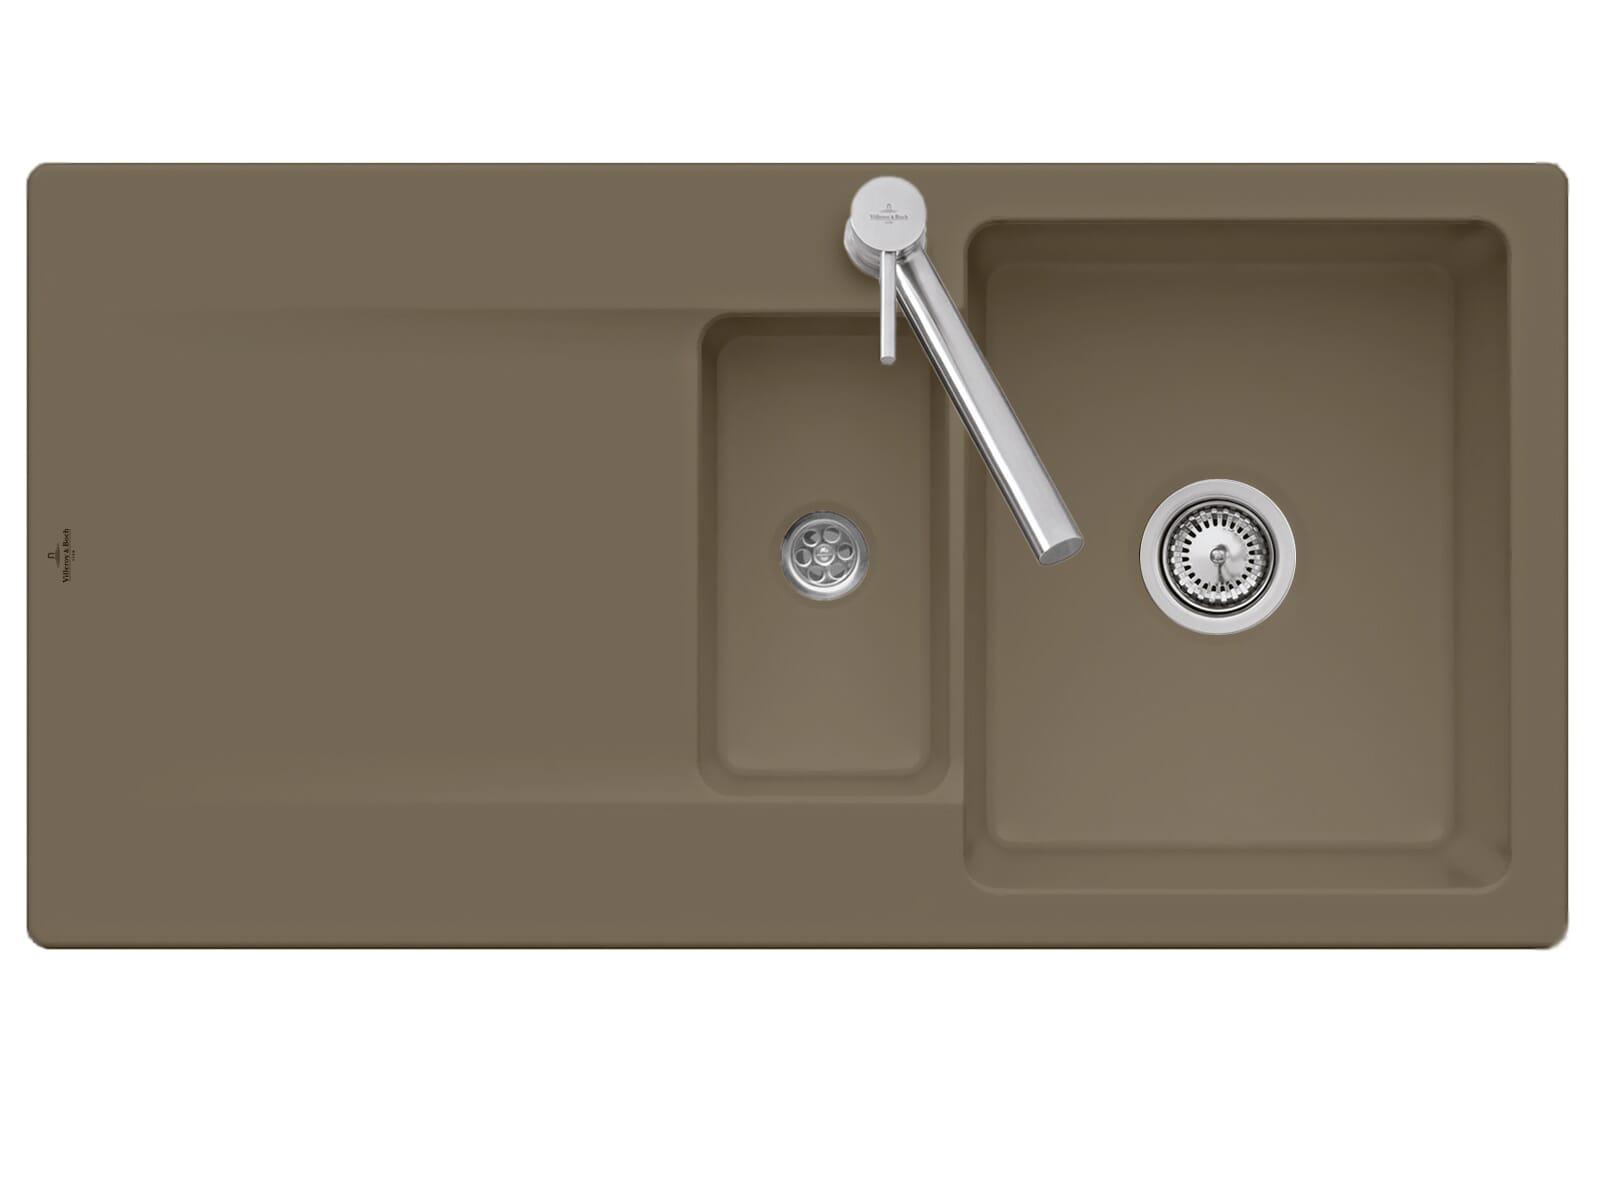 Villeroy & Boch Siluet 60 R - 3337 01 TR Timber Keramikspüle Handbetätigung